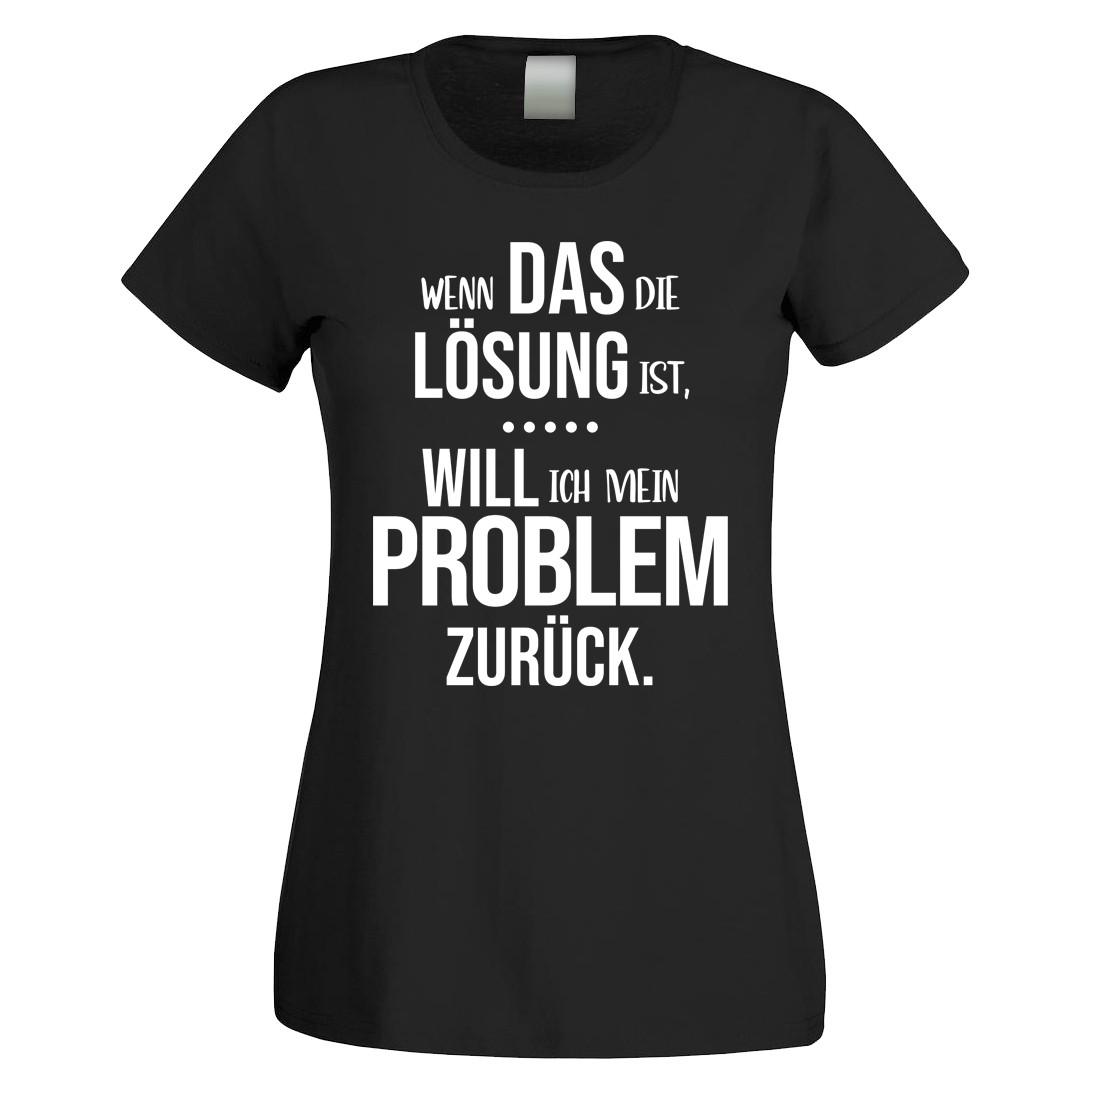 Funshirt oder Tanktop: Wenn das die Lösung ist, will ich mein Problem zurück.